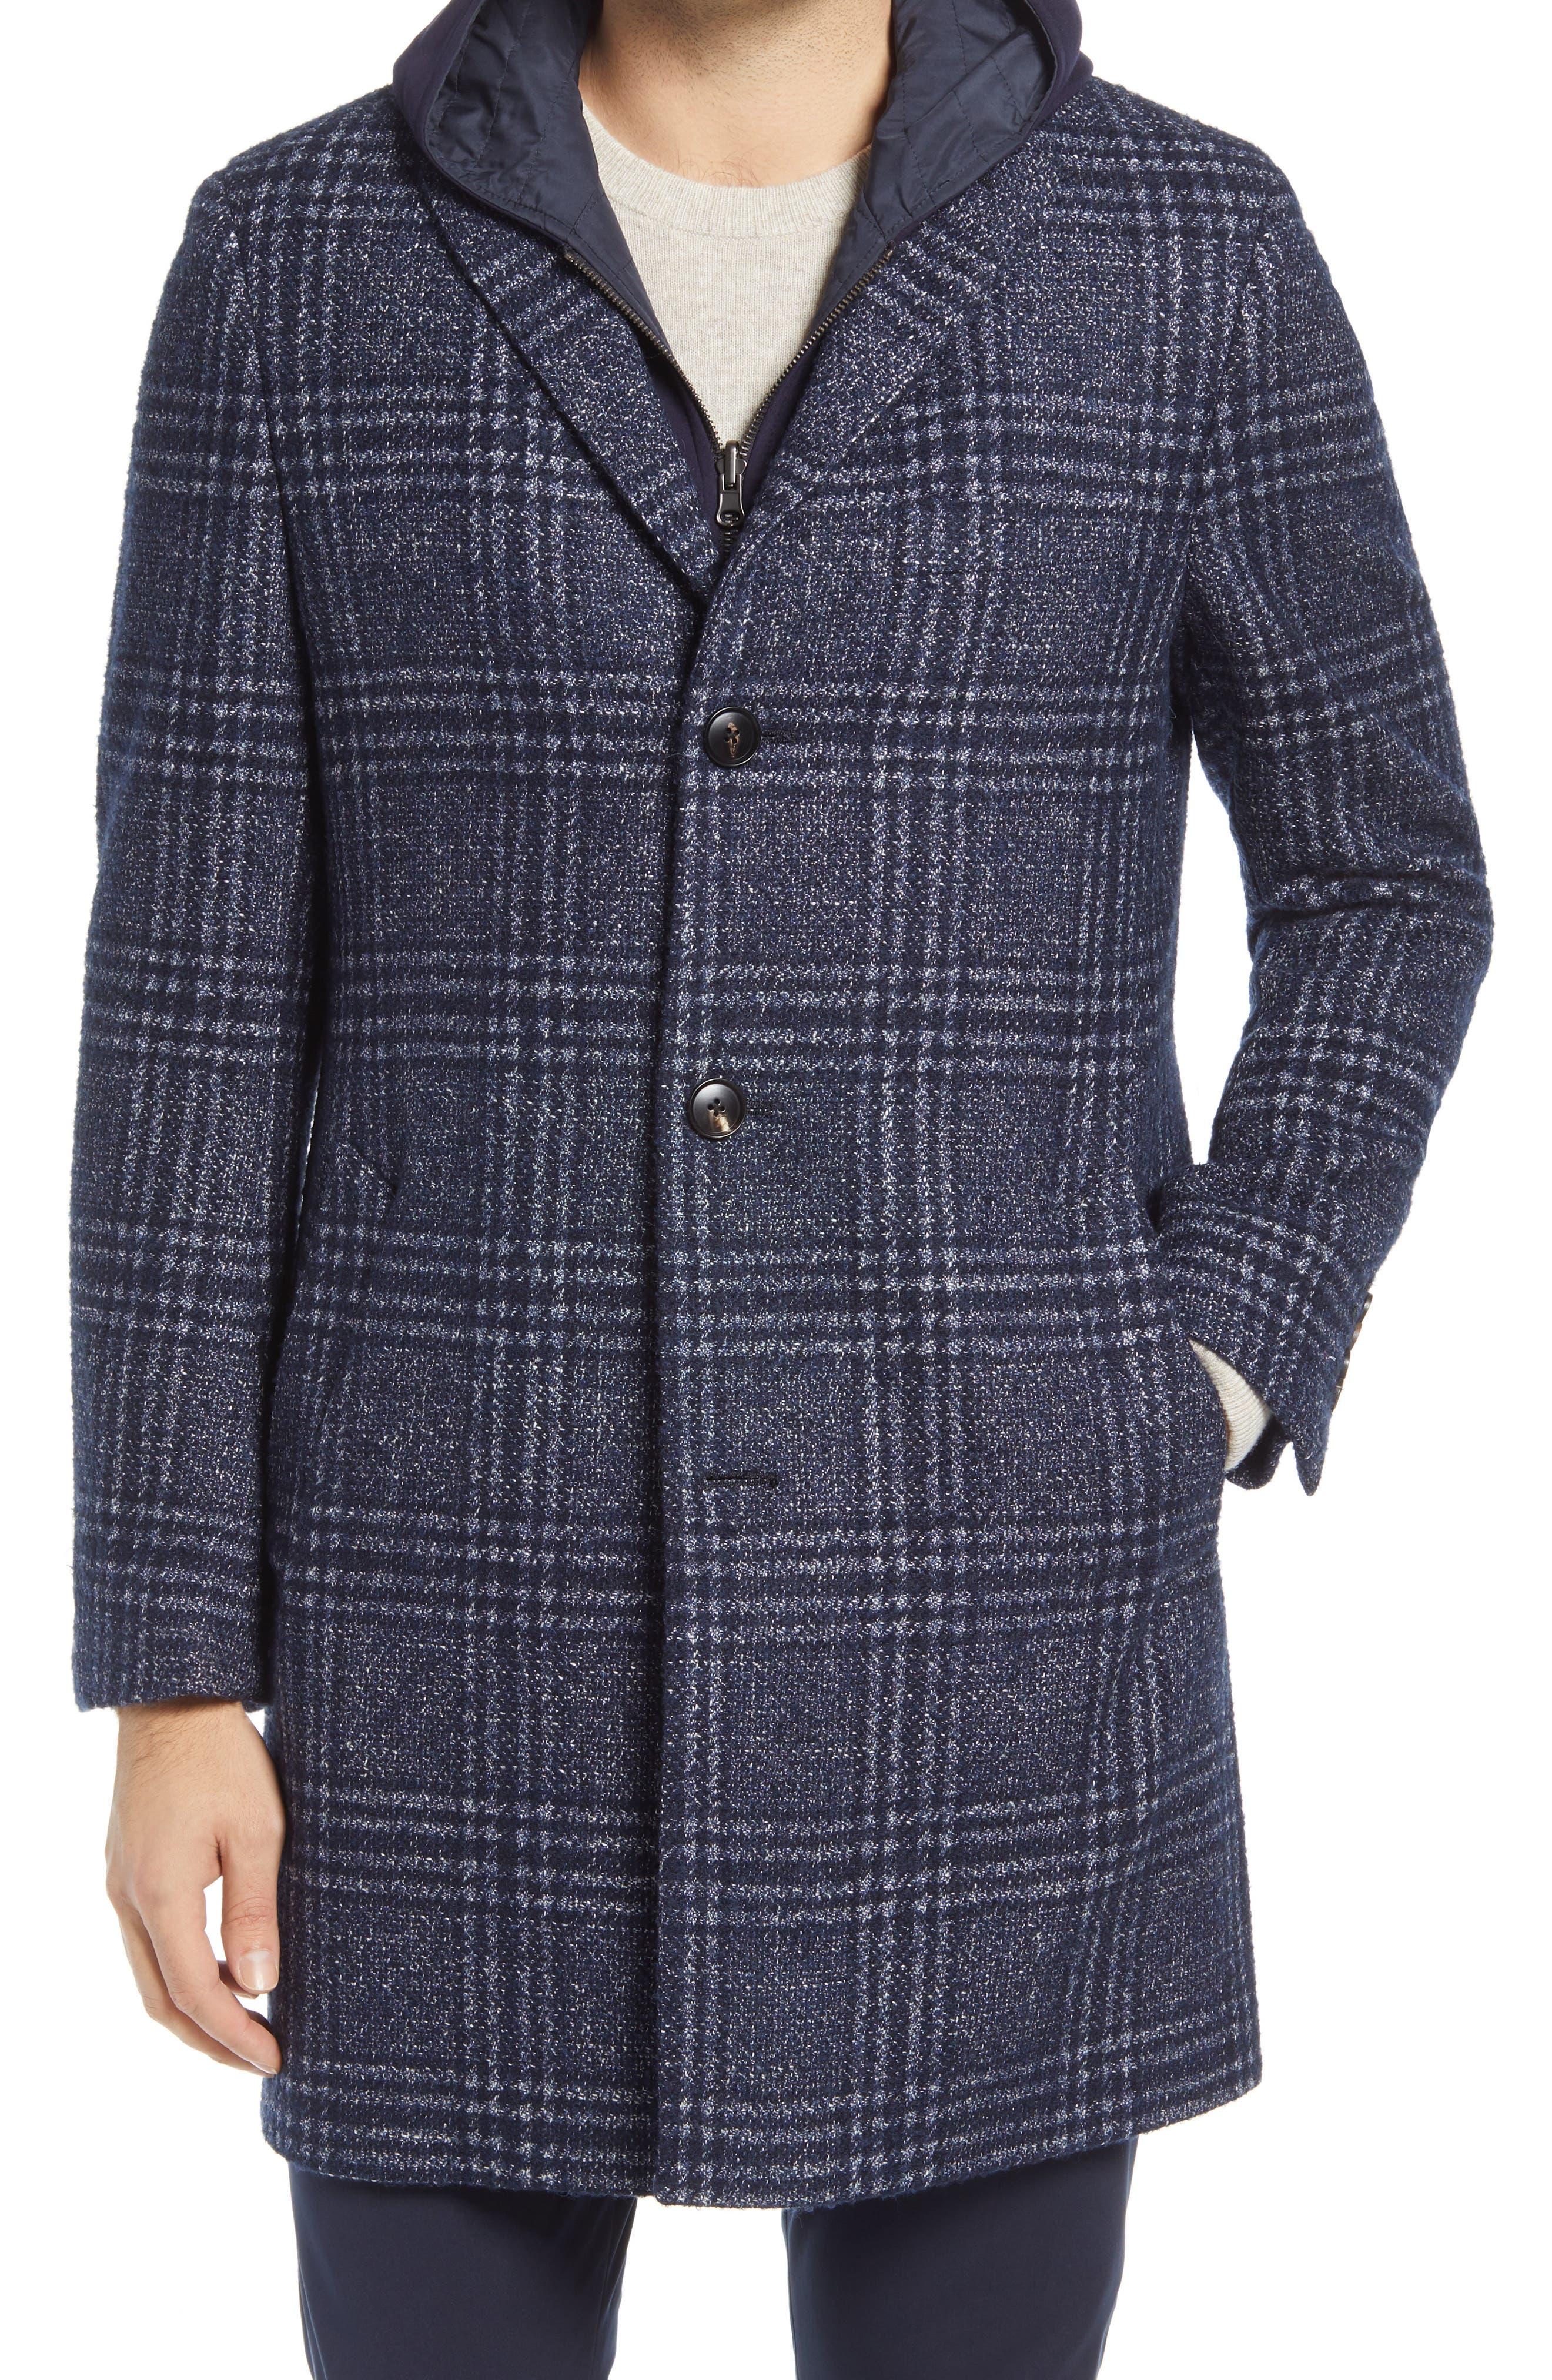 Spencer Plaid Wool Blend Overcoat